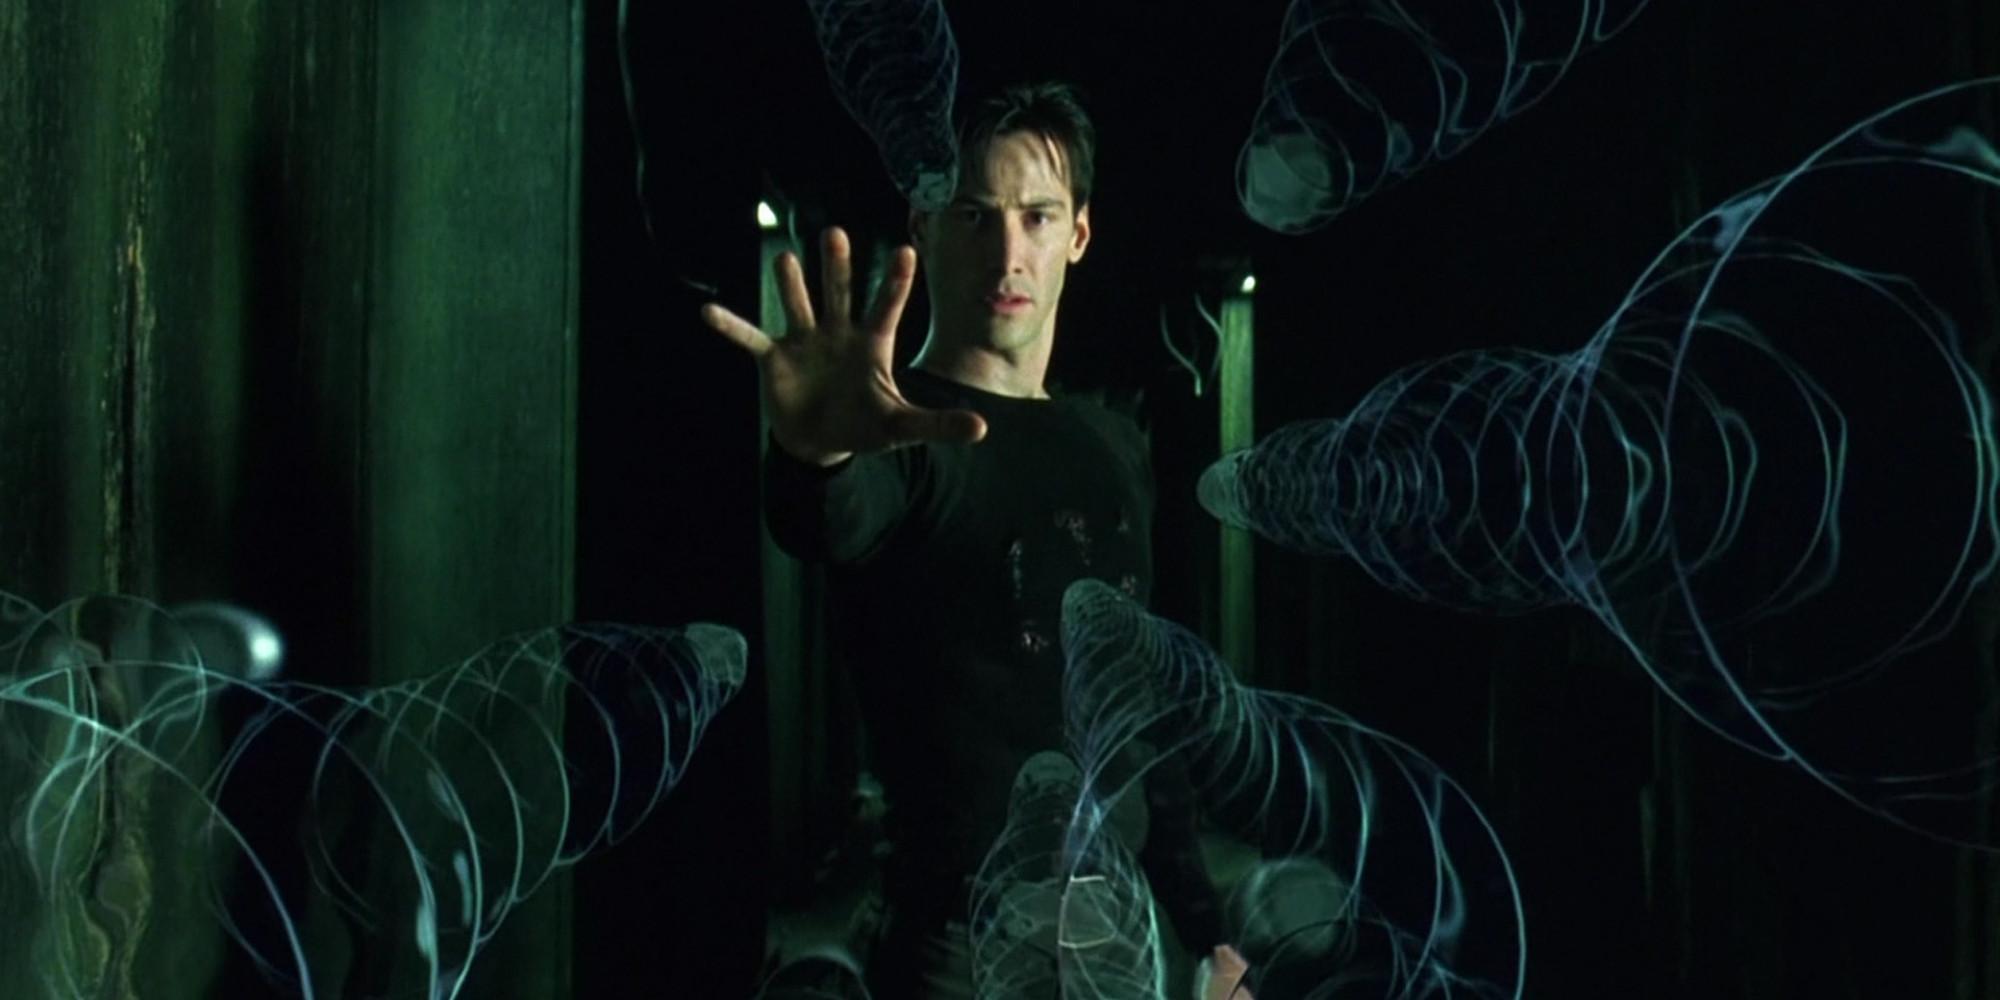 The Matrix : ウォシャウスキー元兄弟の姉妹監督が、キアヌ・リーブスを主演に起用したSFアクション映画の「マトリックス」が、新しいポスターをリリース ! !